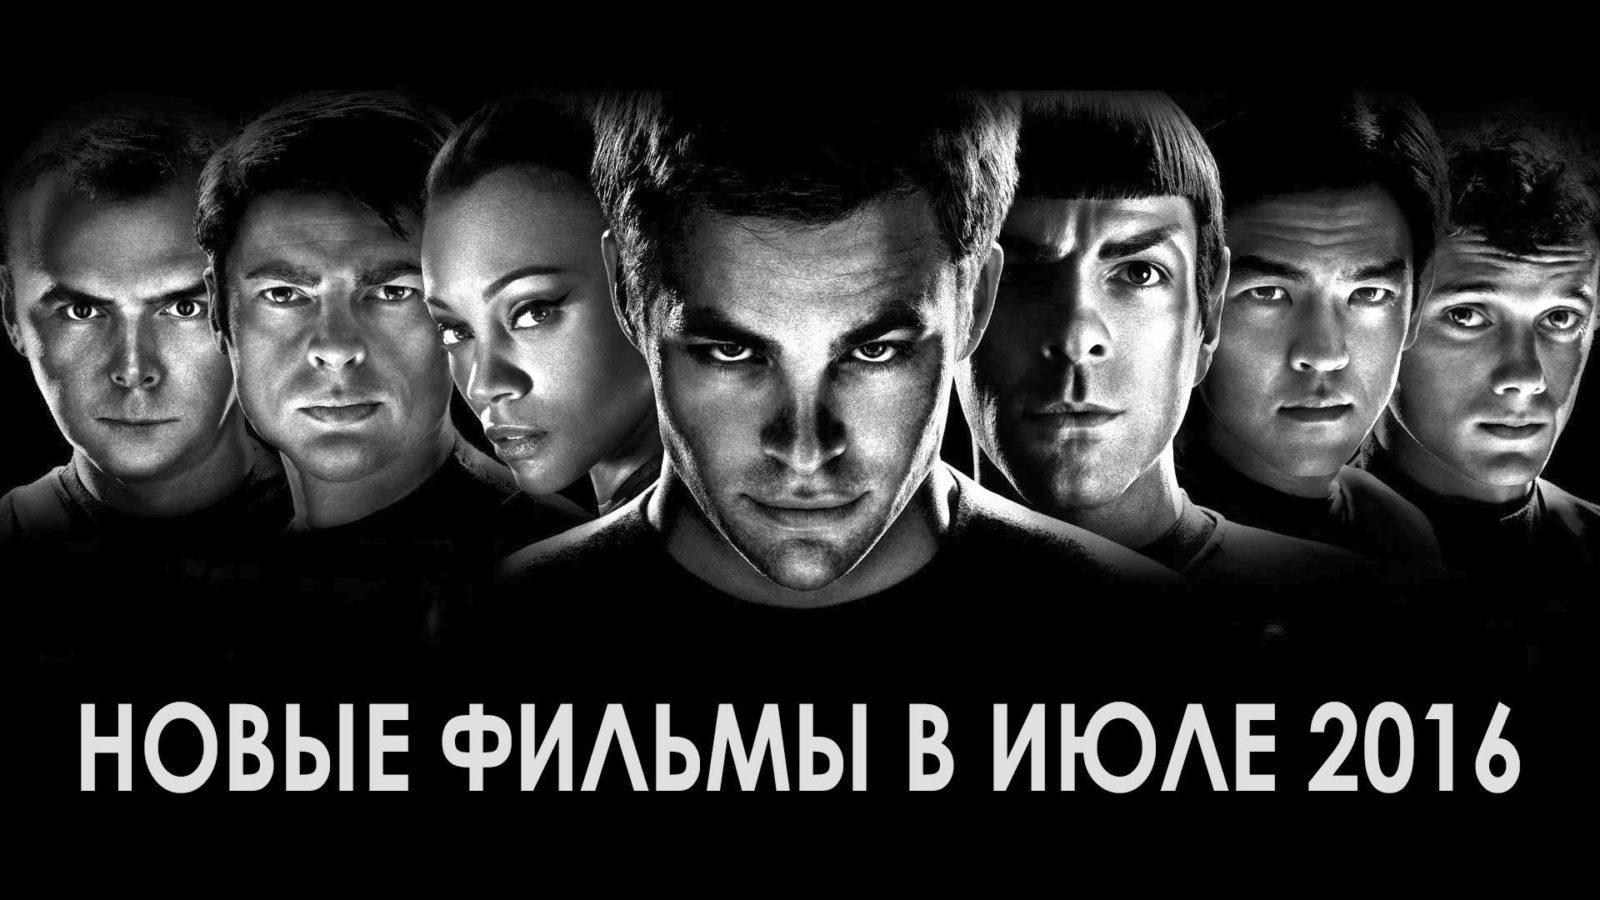 Фильмы 2016 — новинки: что посмотреть в кинотеатре на этой неделе (18-24 июля)